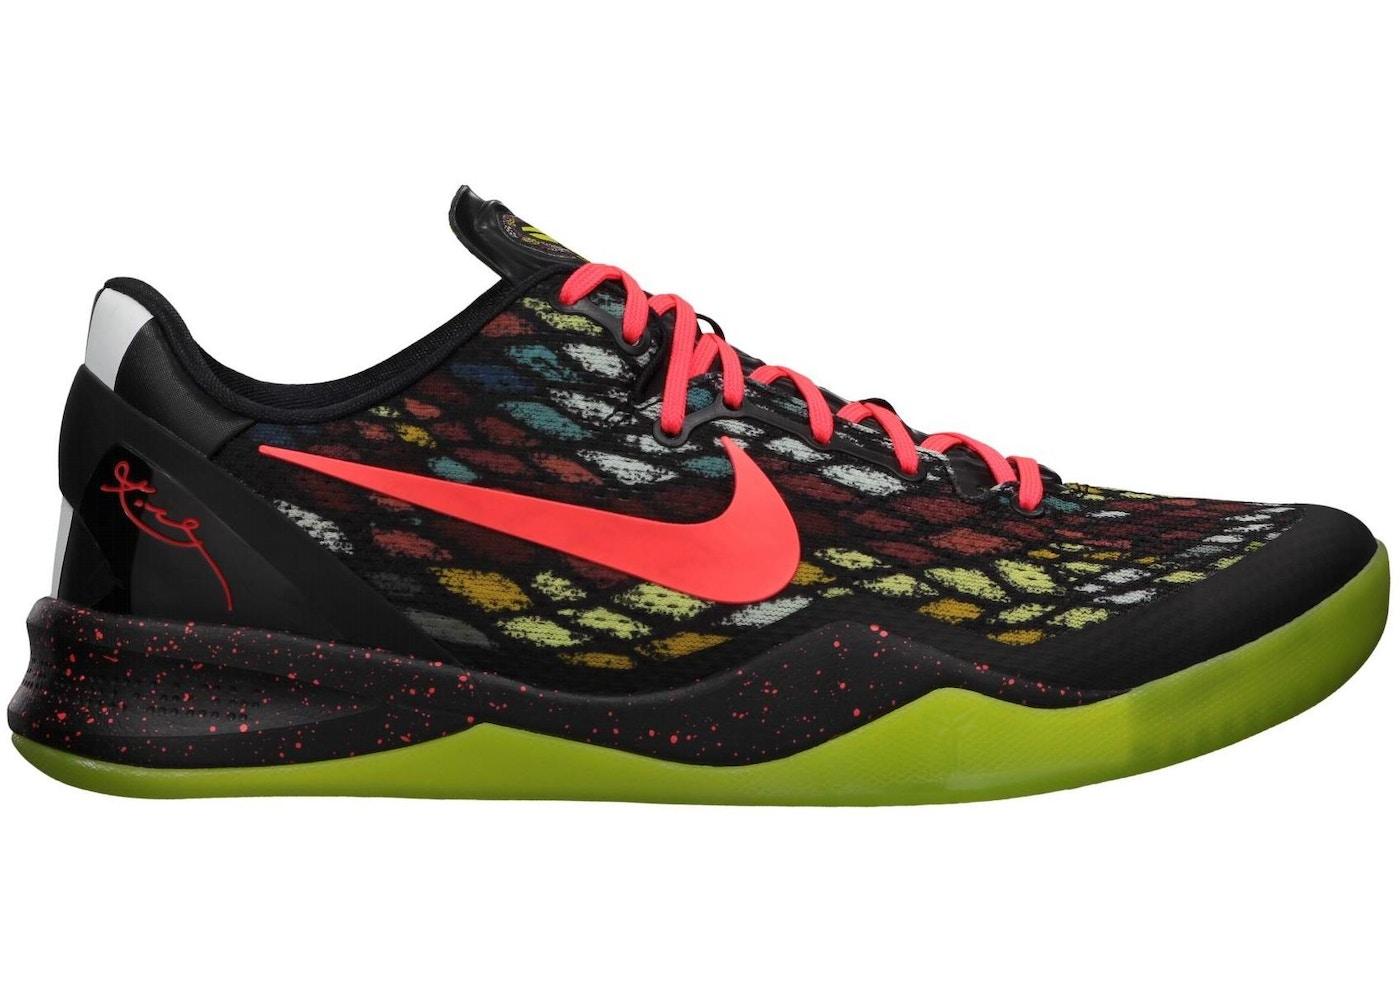 Nike Kobe 8 Shoes - Highest Bid